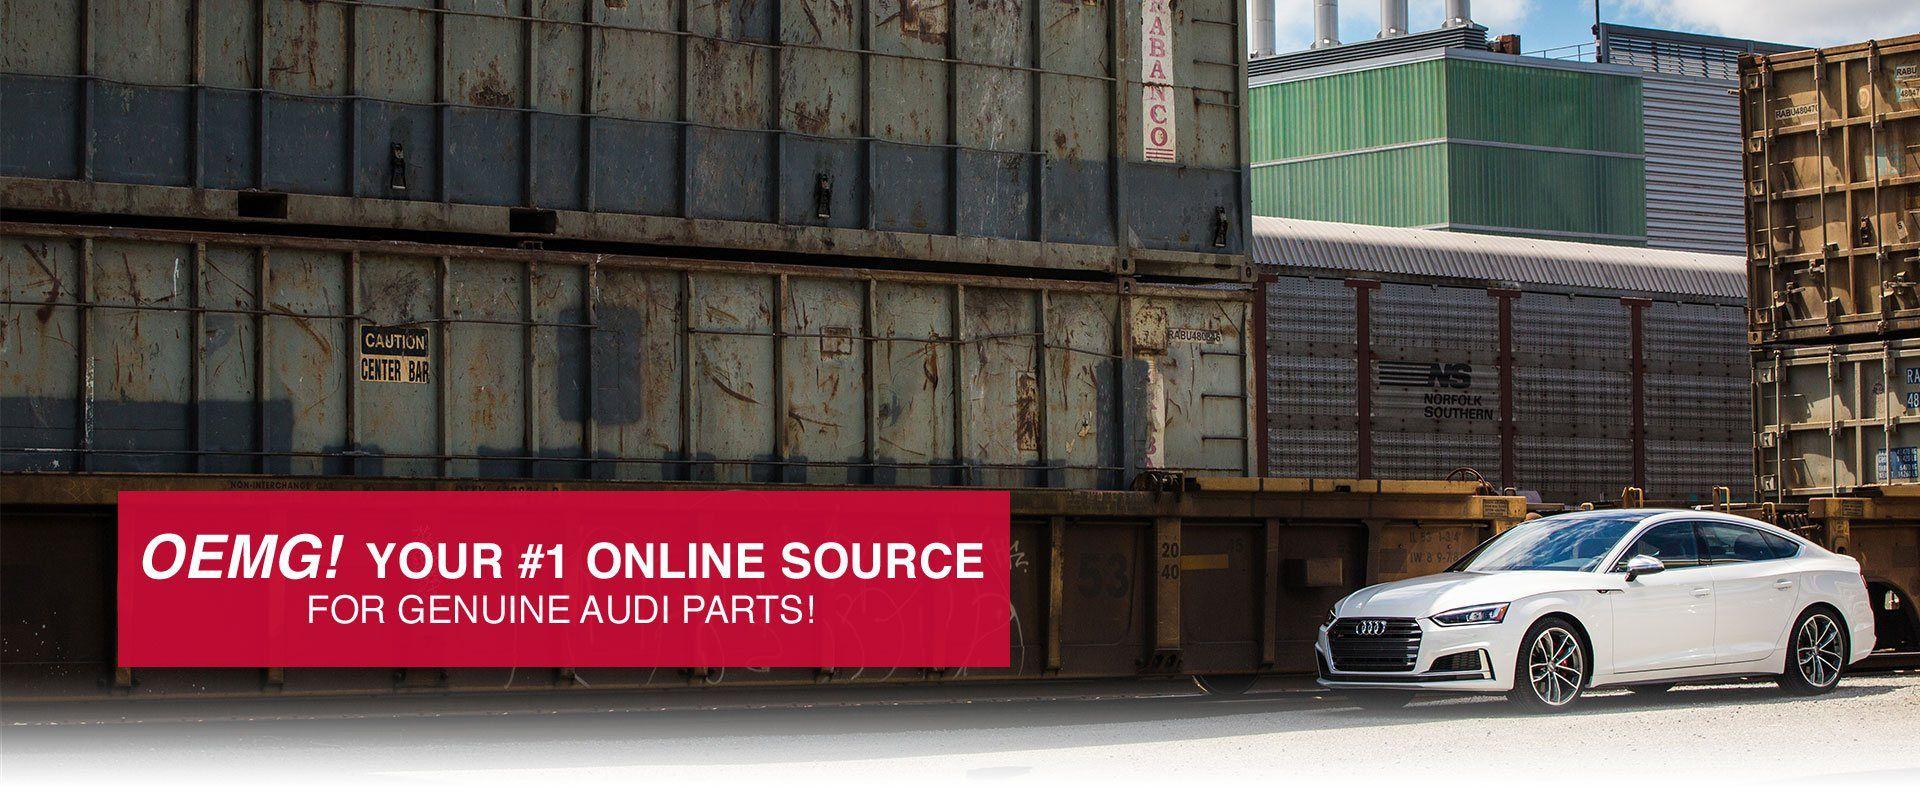 Genuine Audi Parts